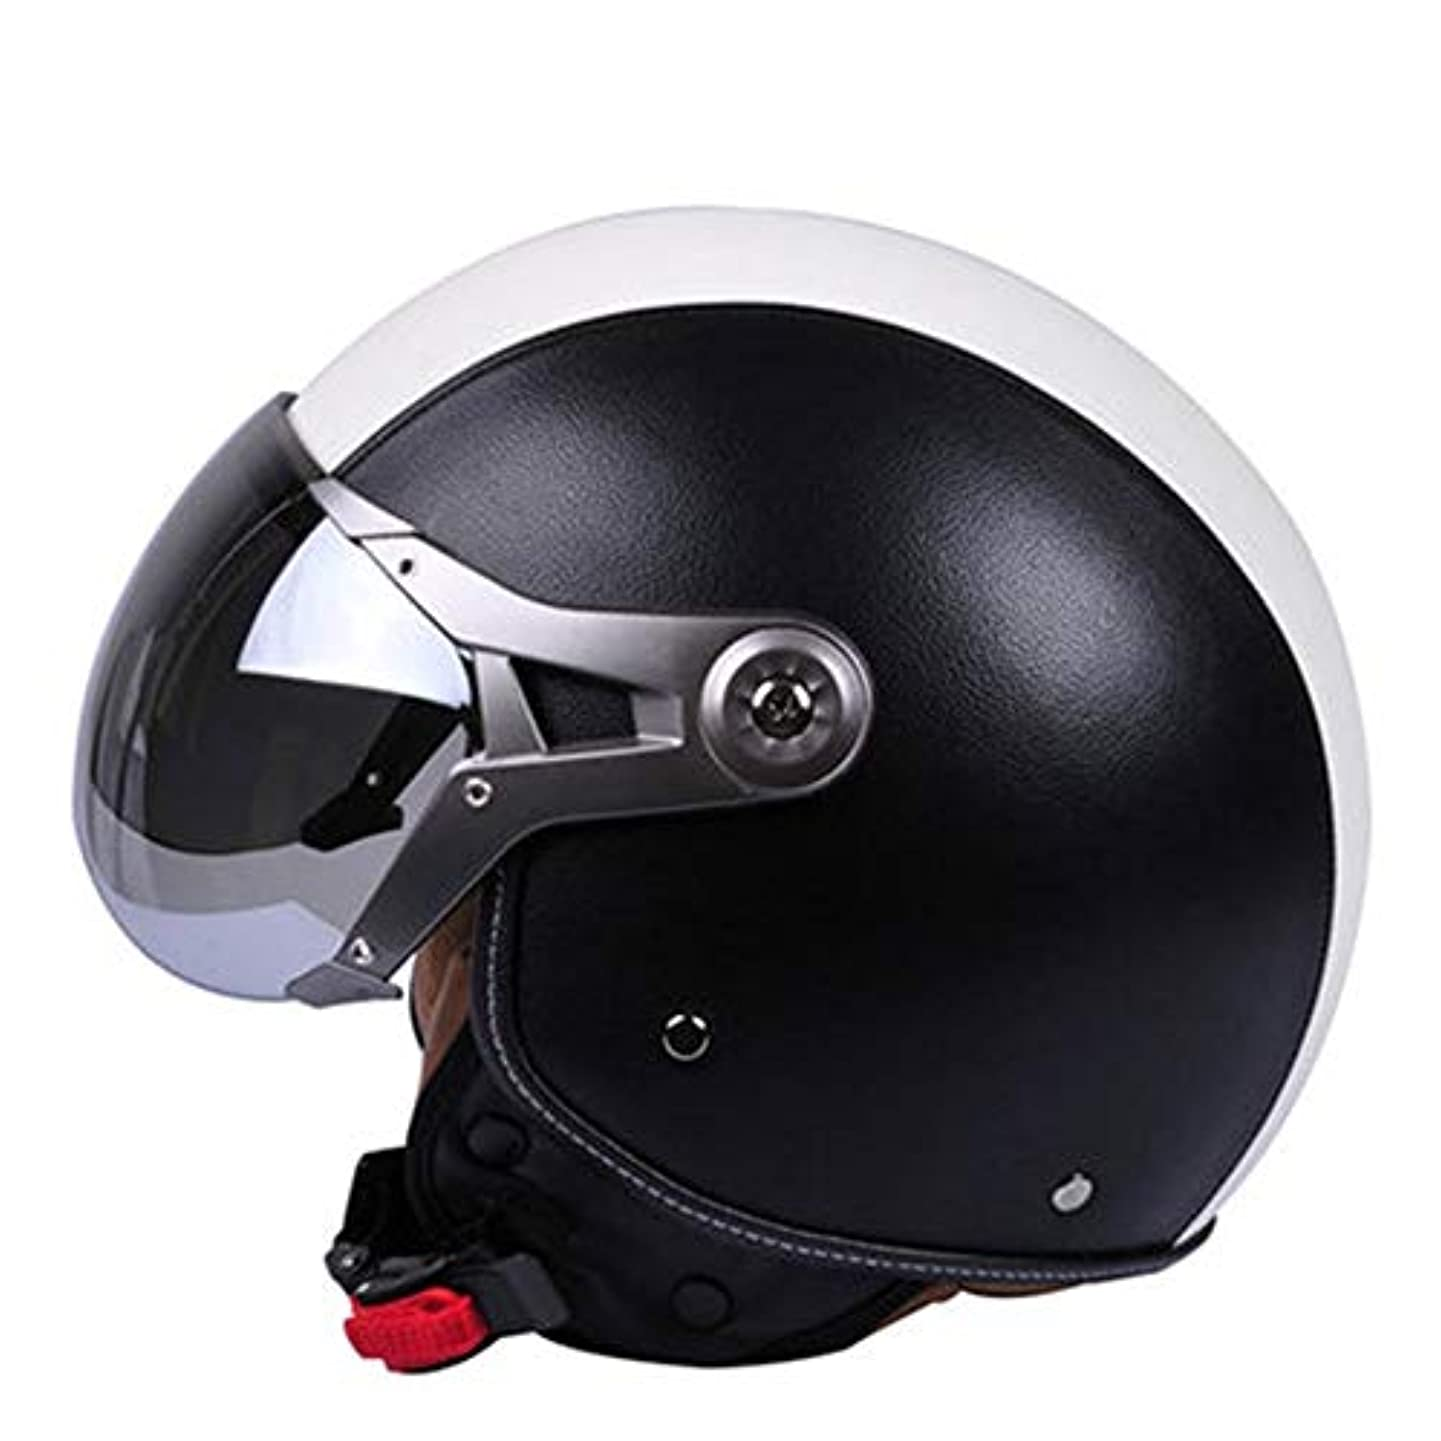 広範囲木製マリンTOMSSL高品質 オートバイのヘルメットの電気自動車の半分のヘルメットの半分覆われた四季の傾向の安全性の人格のヘルメット - 黒と白の革 TOMSSL高品質 (Size : M)